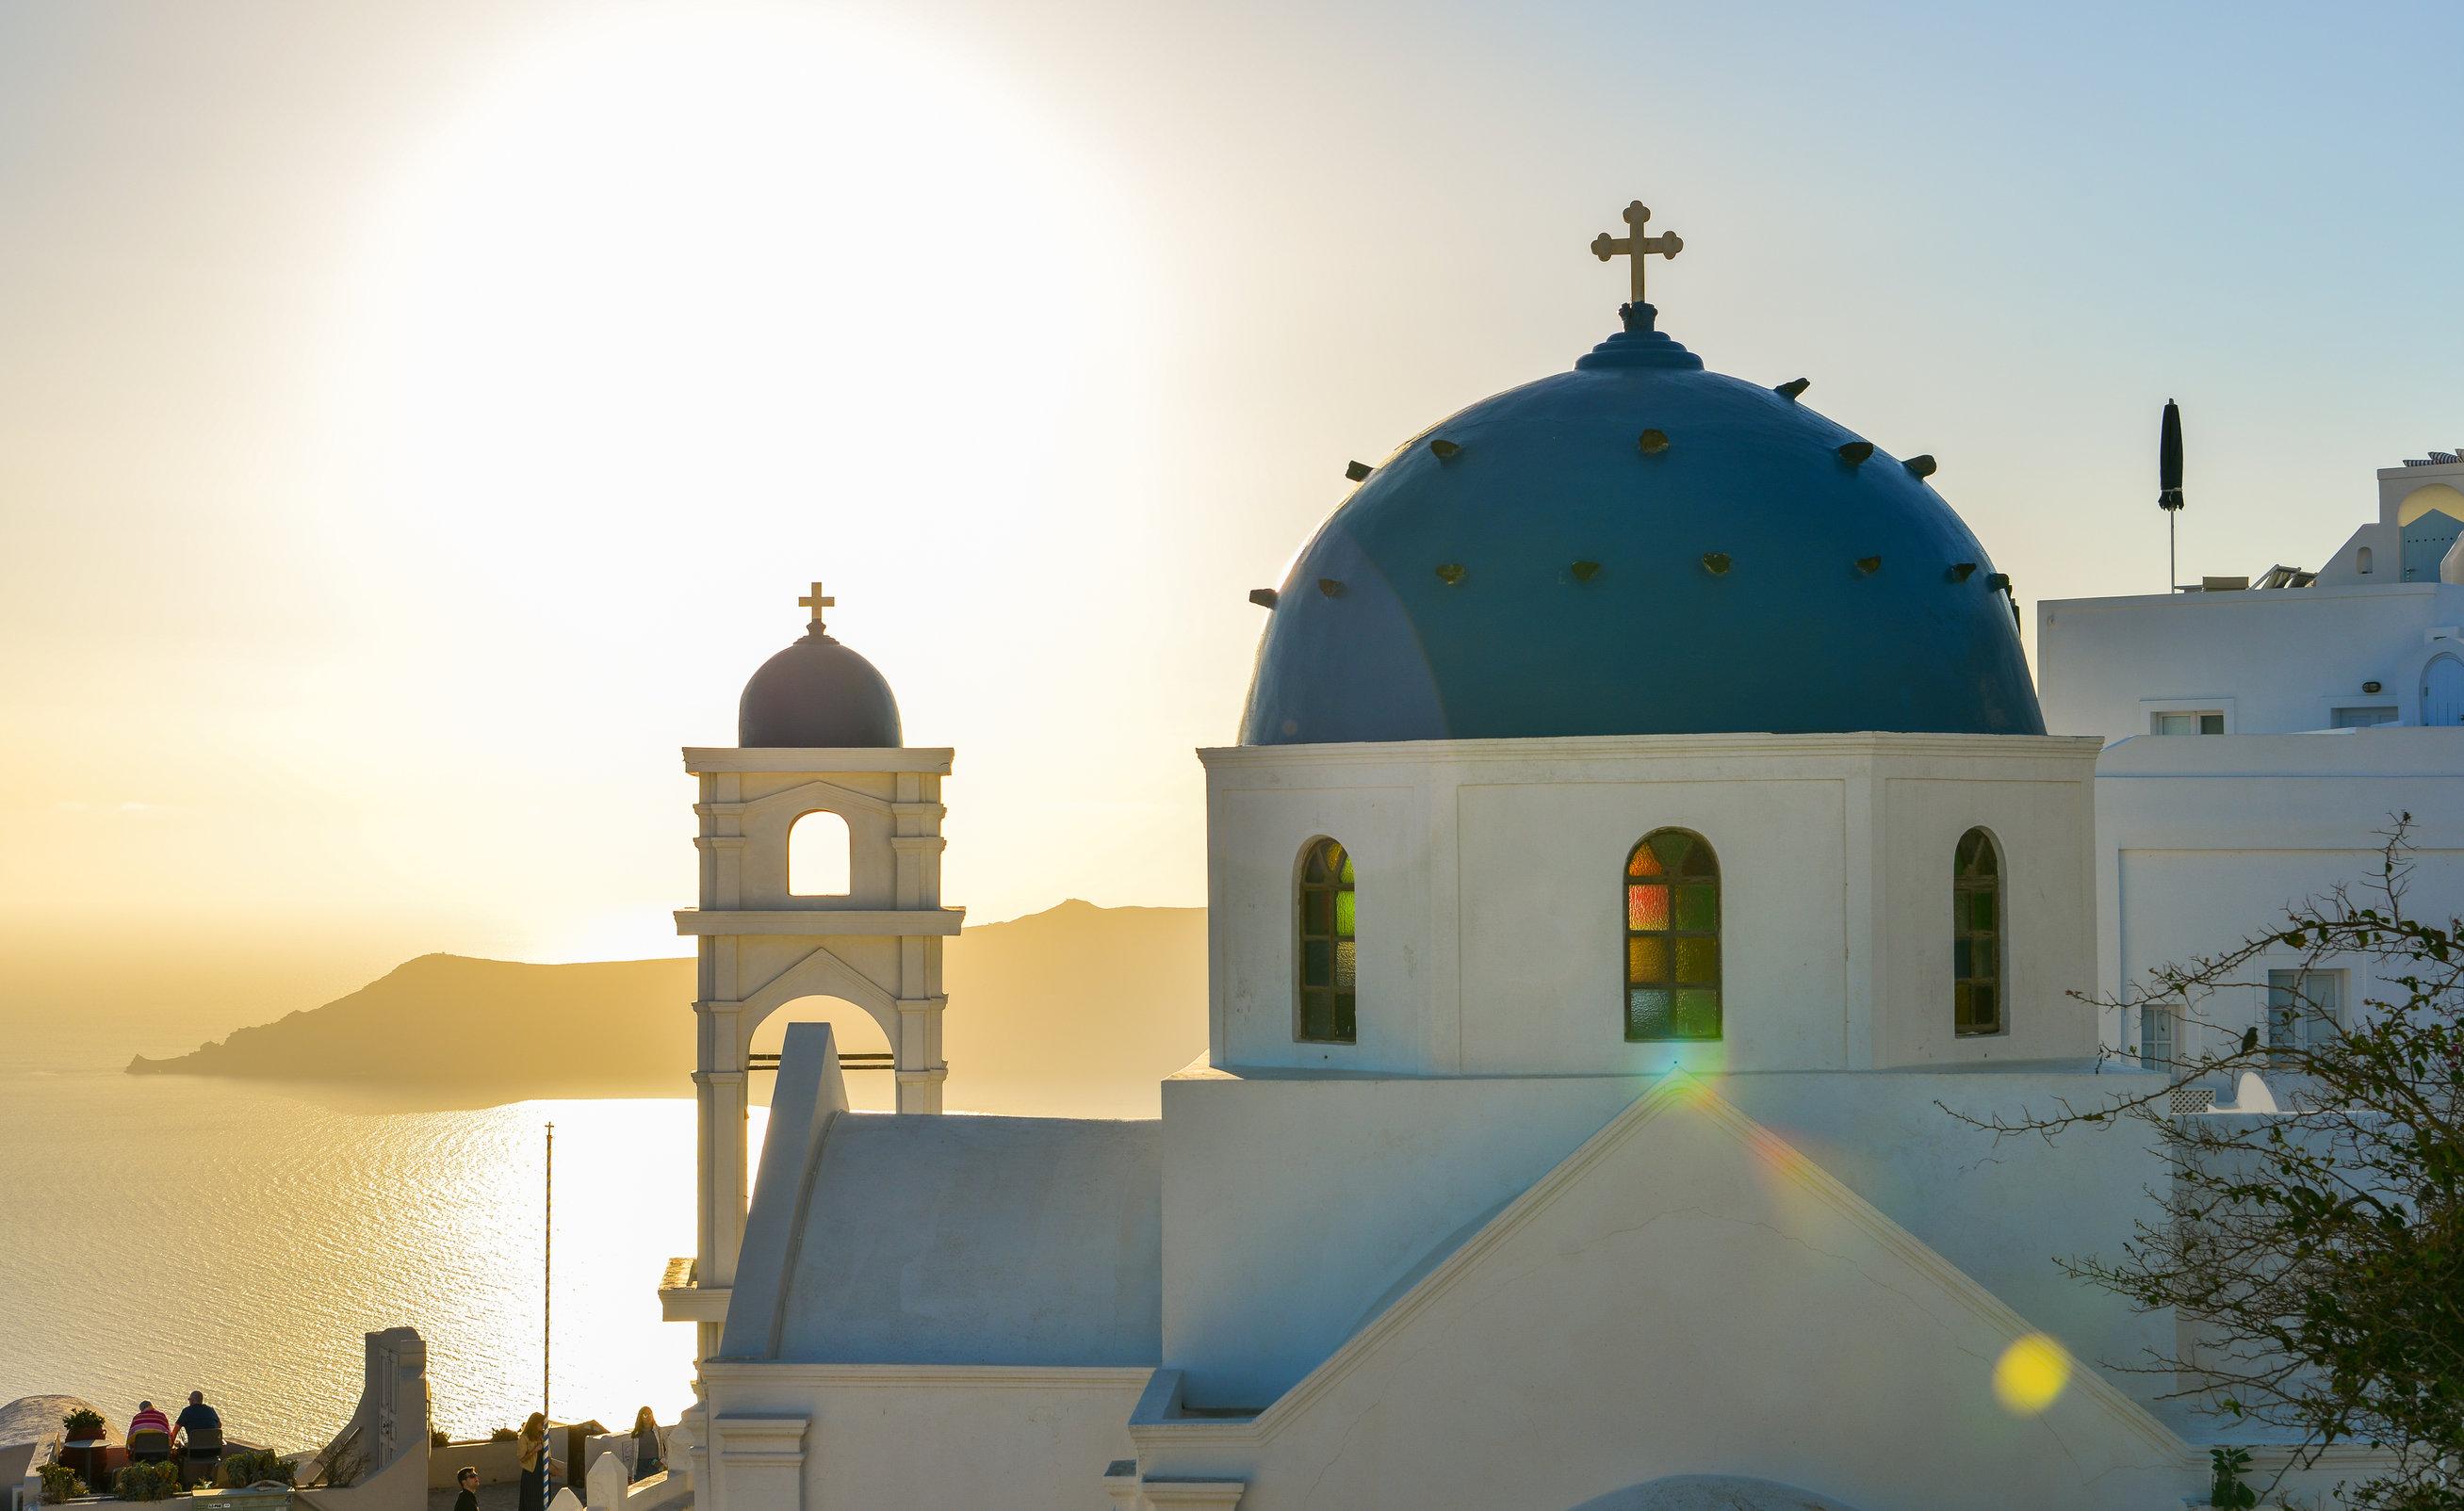 島上有許多藍頂教堂